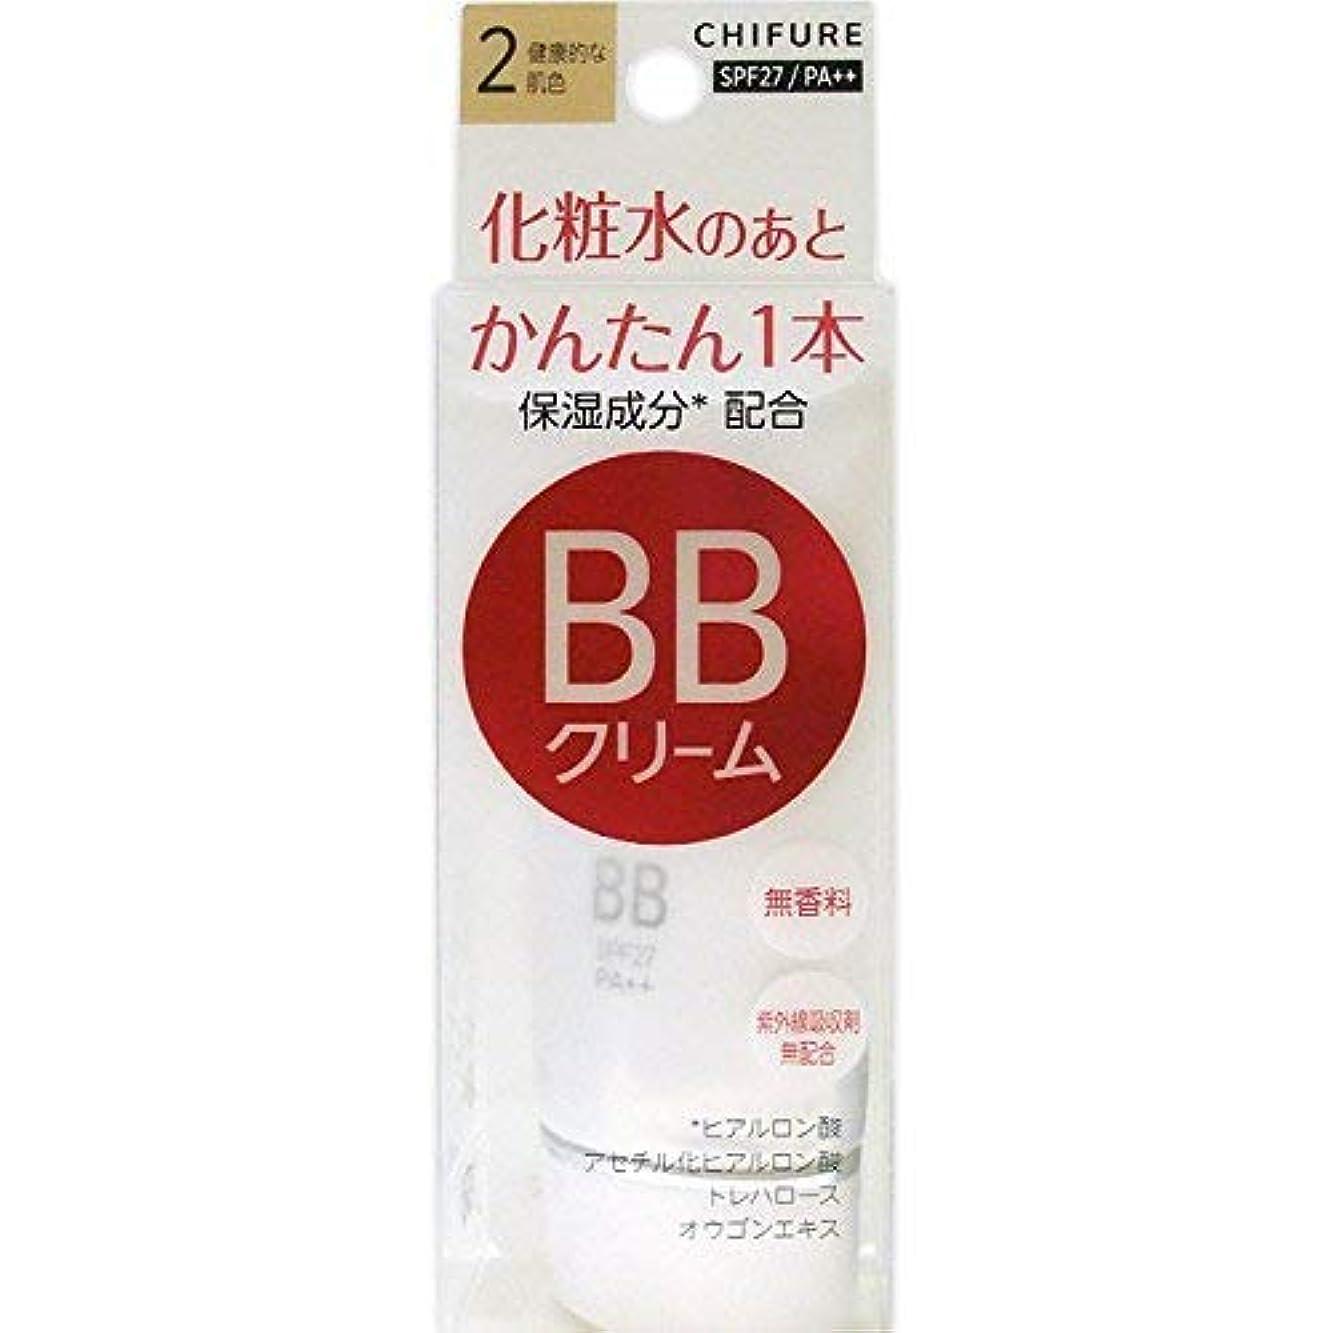 見かけ上ストラップ簡潔なちふれ化粧品 BB クリーム 2 健康的な肌色 BBクリーム 2